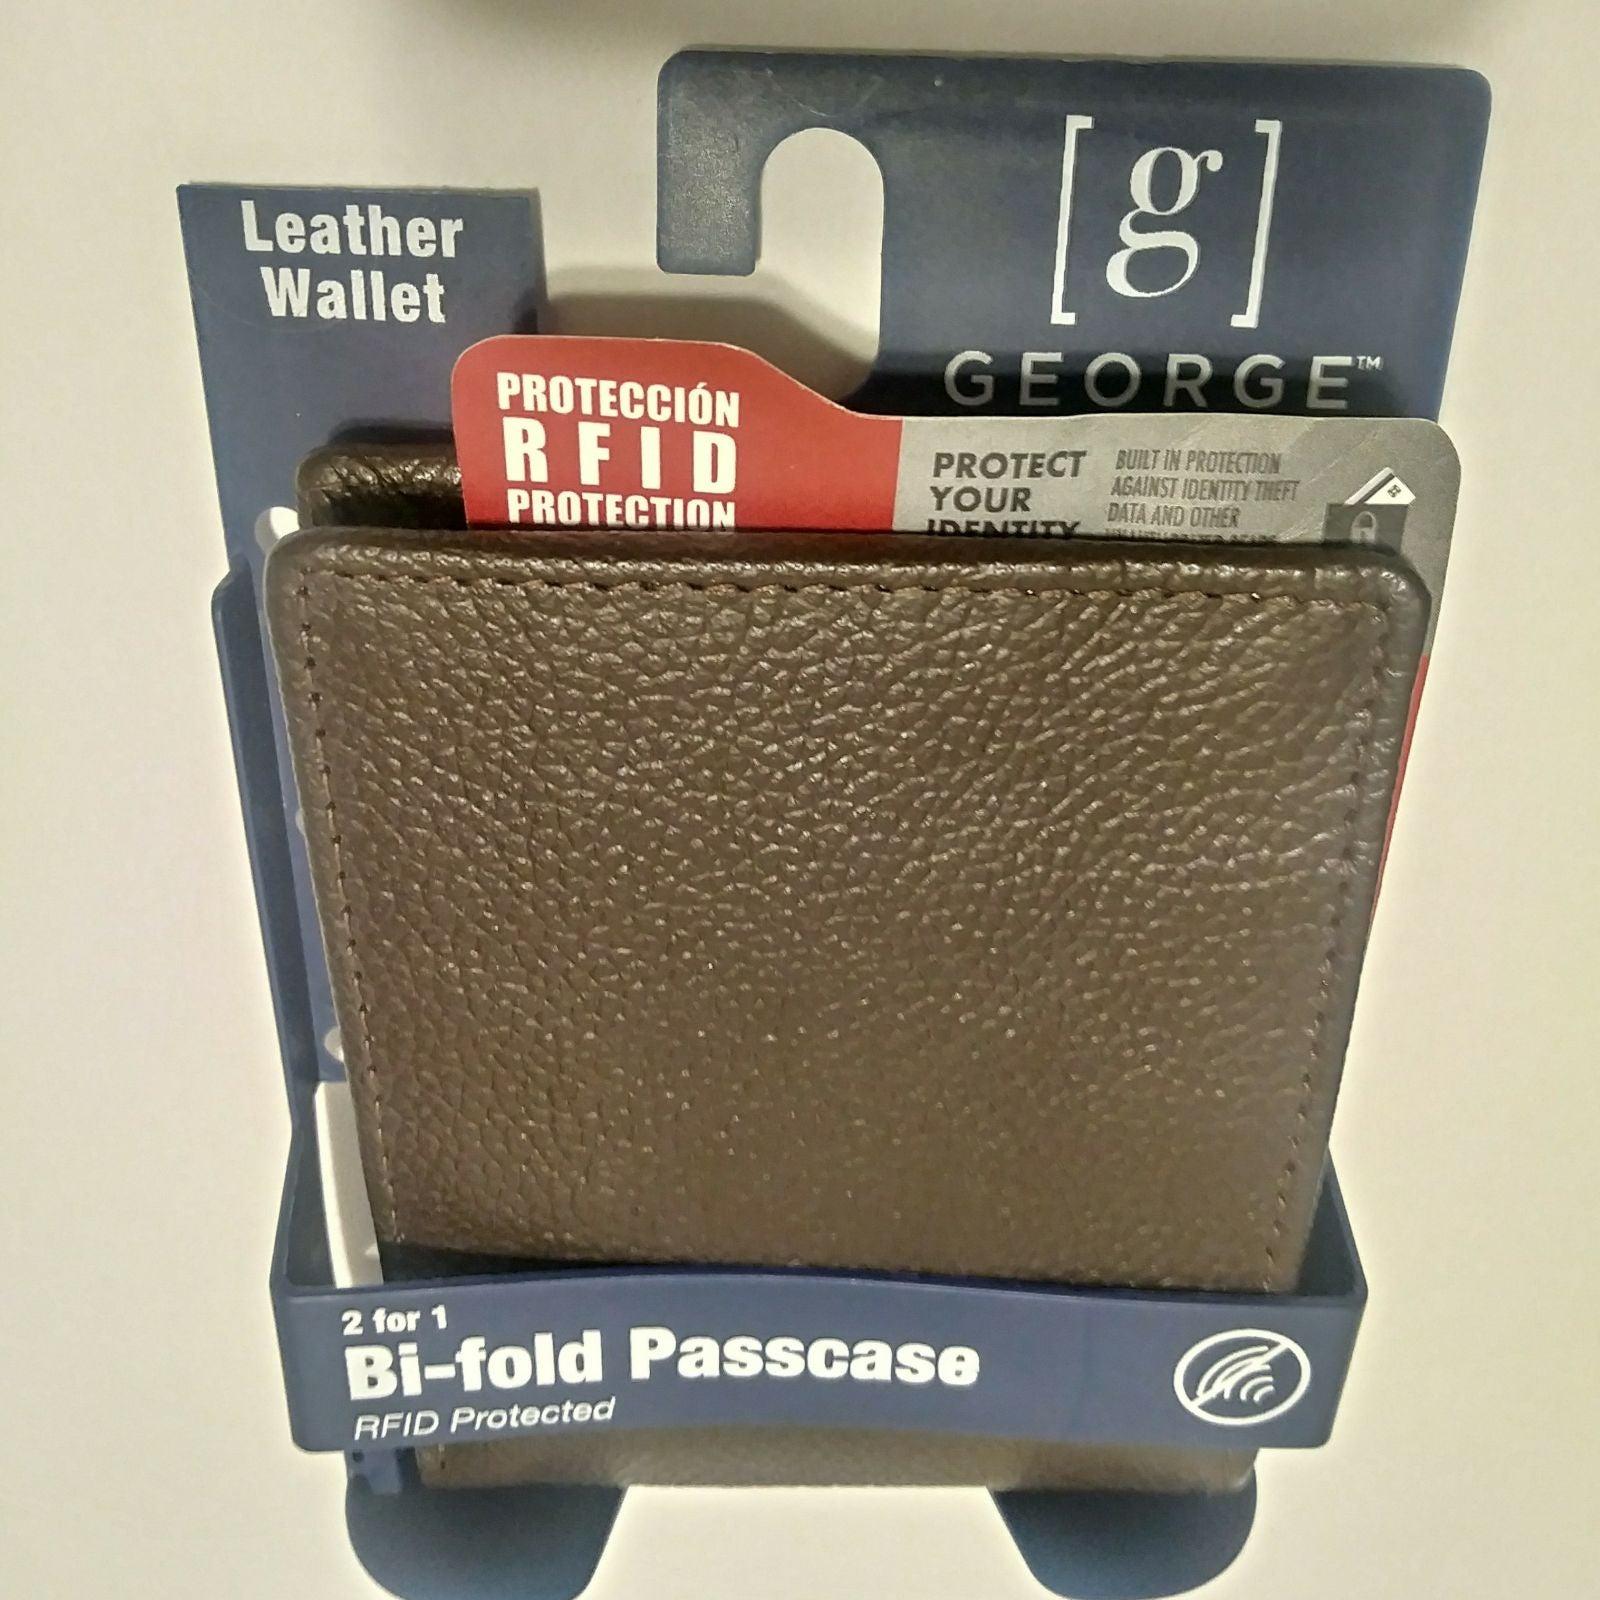 George Mens Leather RFID Wallet